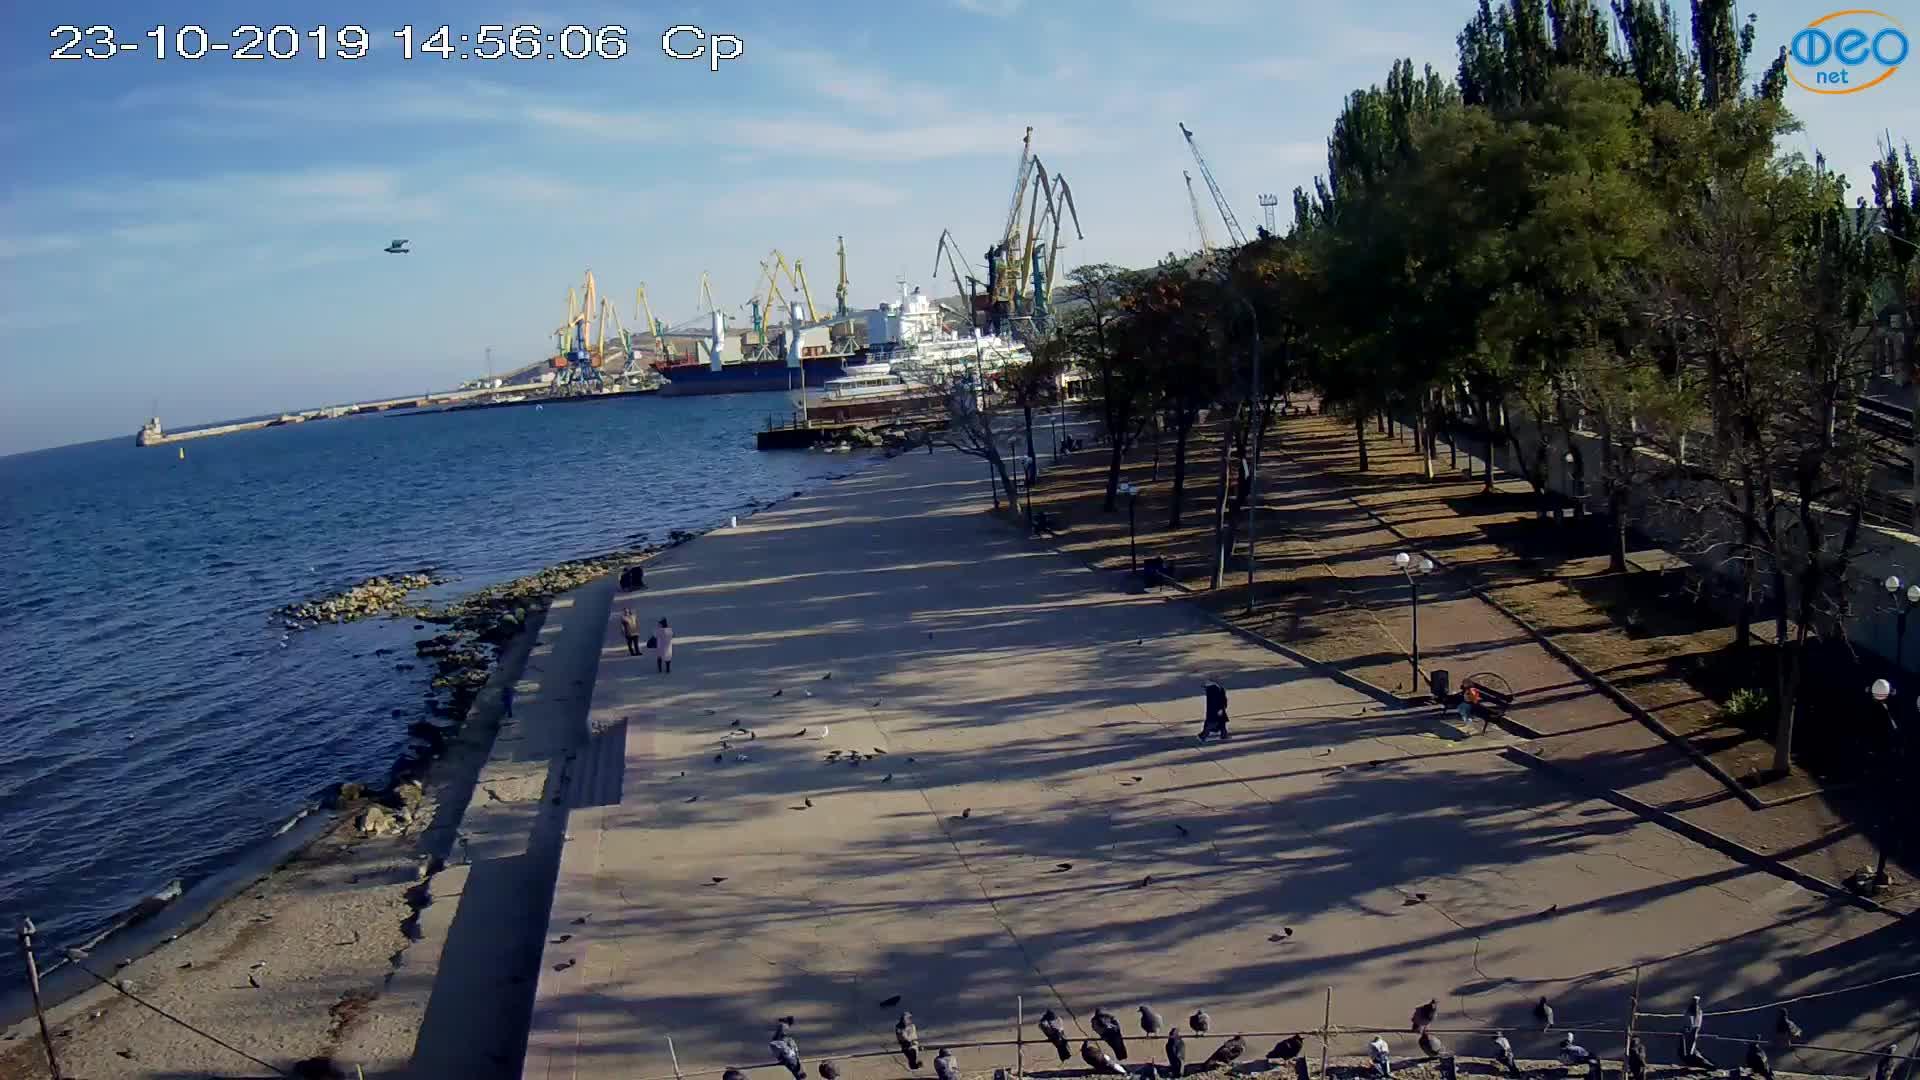 Веб-камеры Феодосии, Набережная Десантников, 2019-10-23 14:56:15